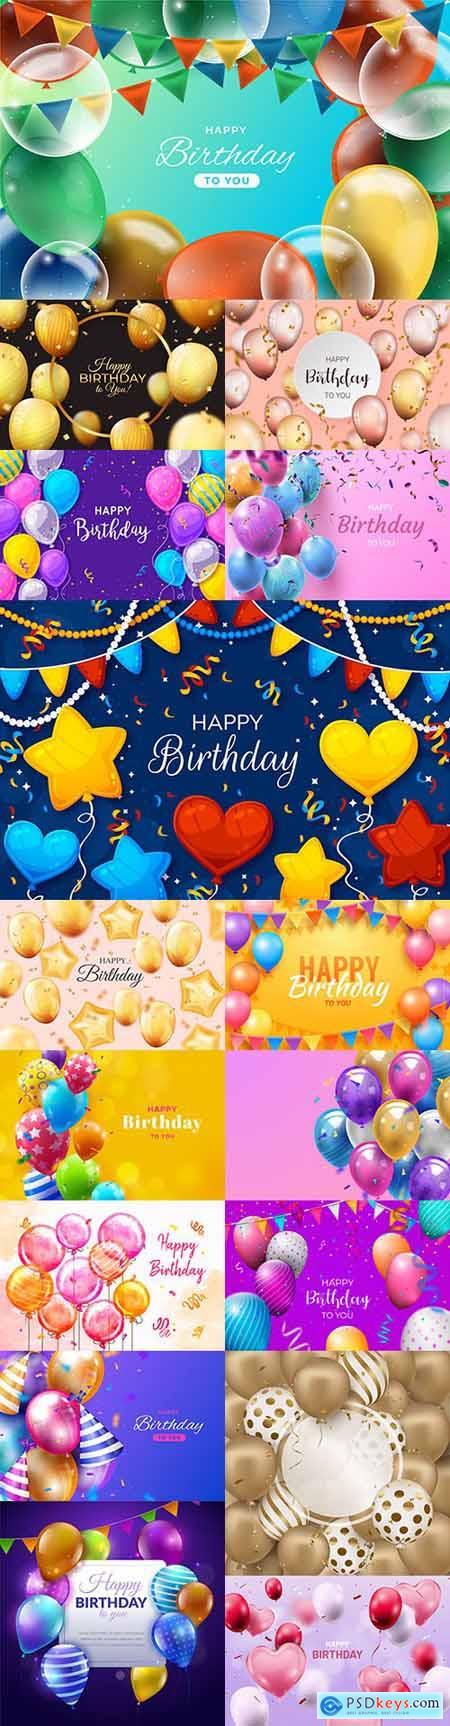 Happy birthday holiday invitation realistic balloons 18